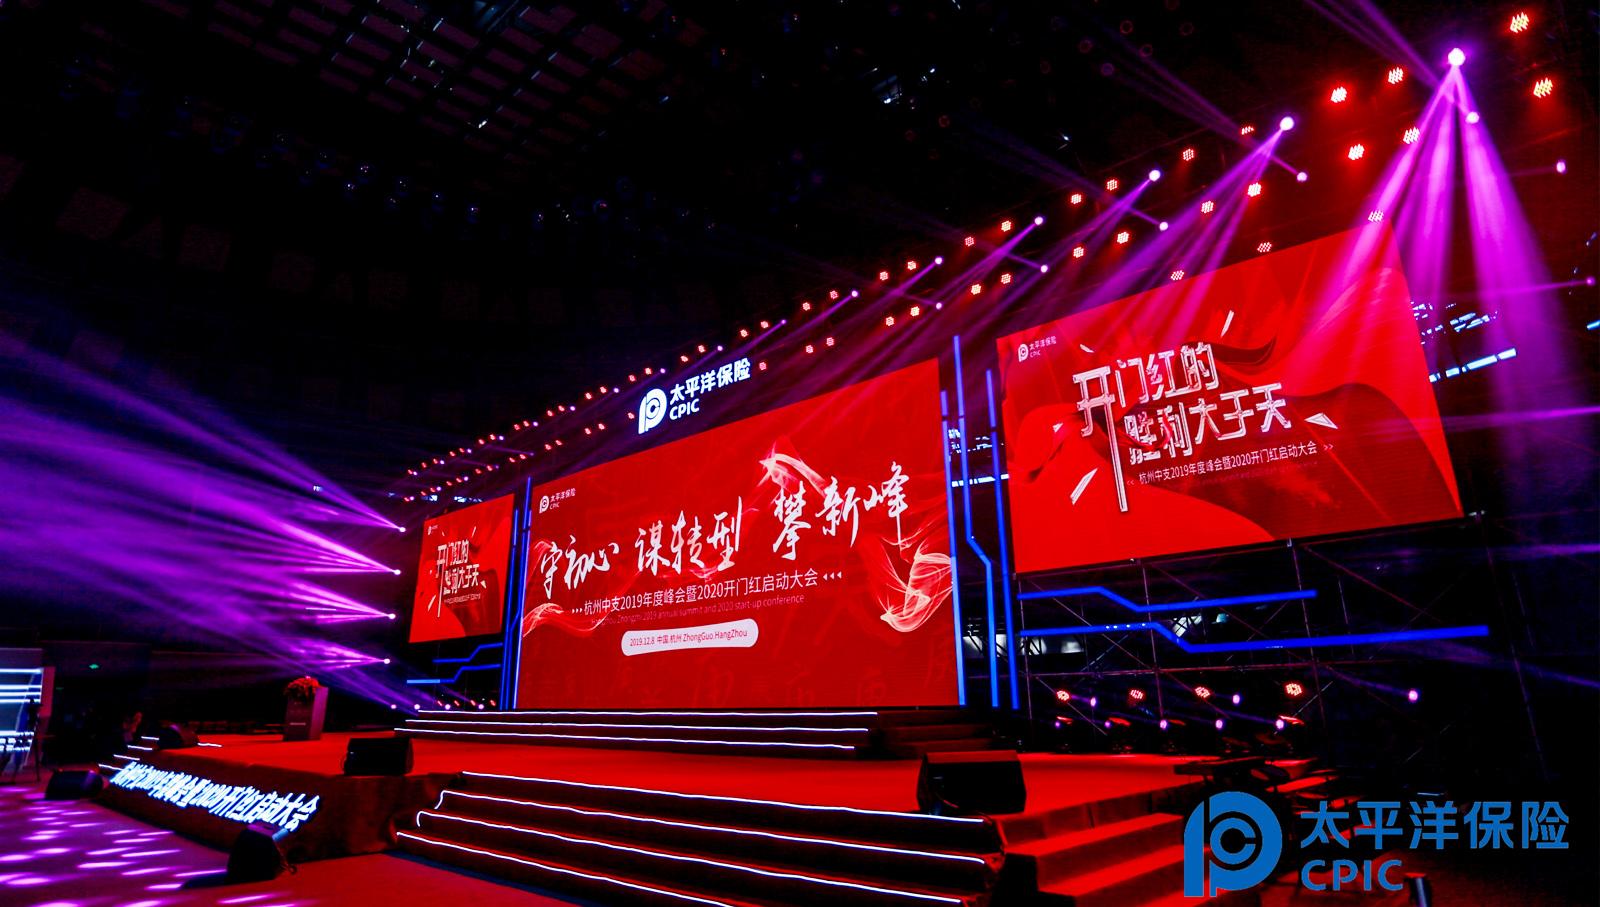 太平洋保险杭州中支2019年度峰会暨2020开门红启动大会-3